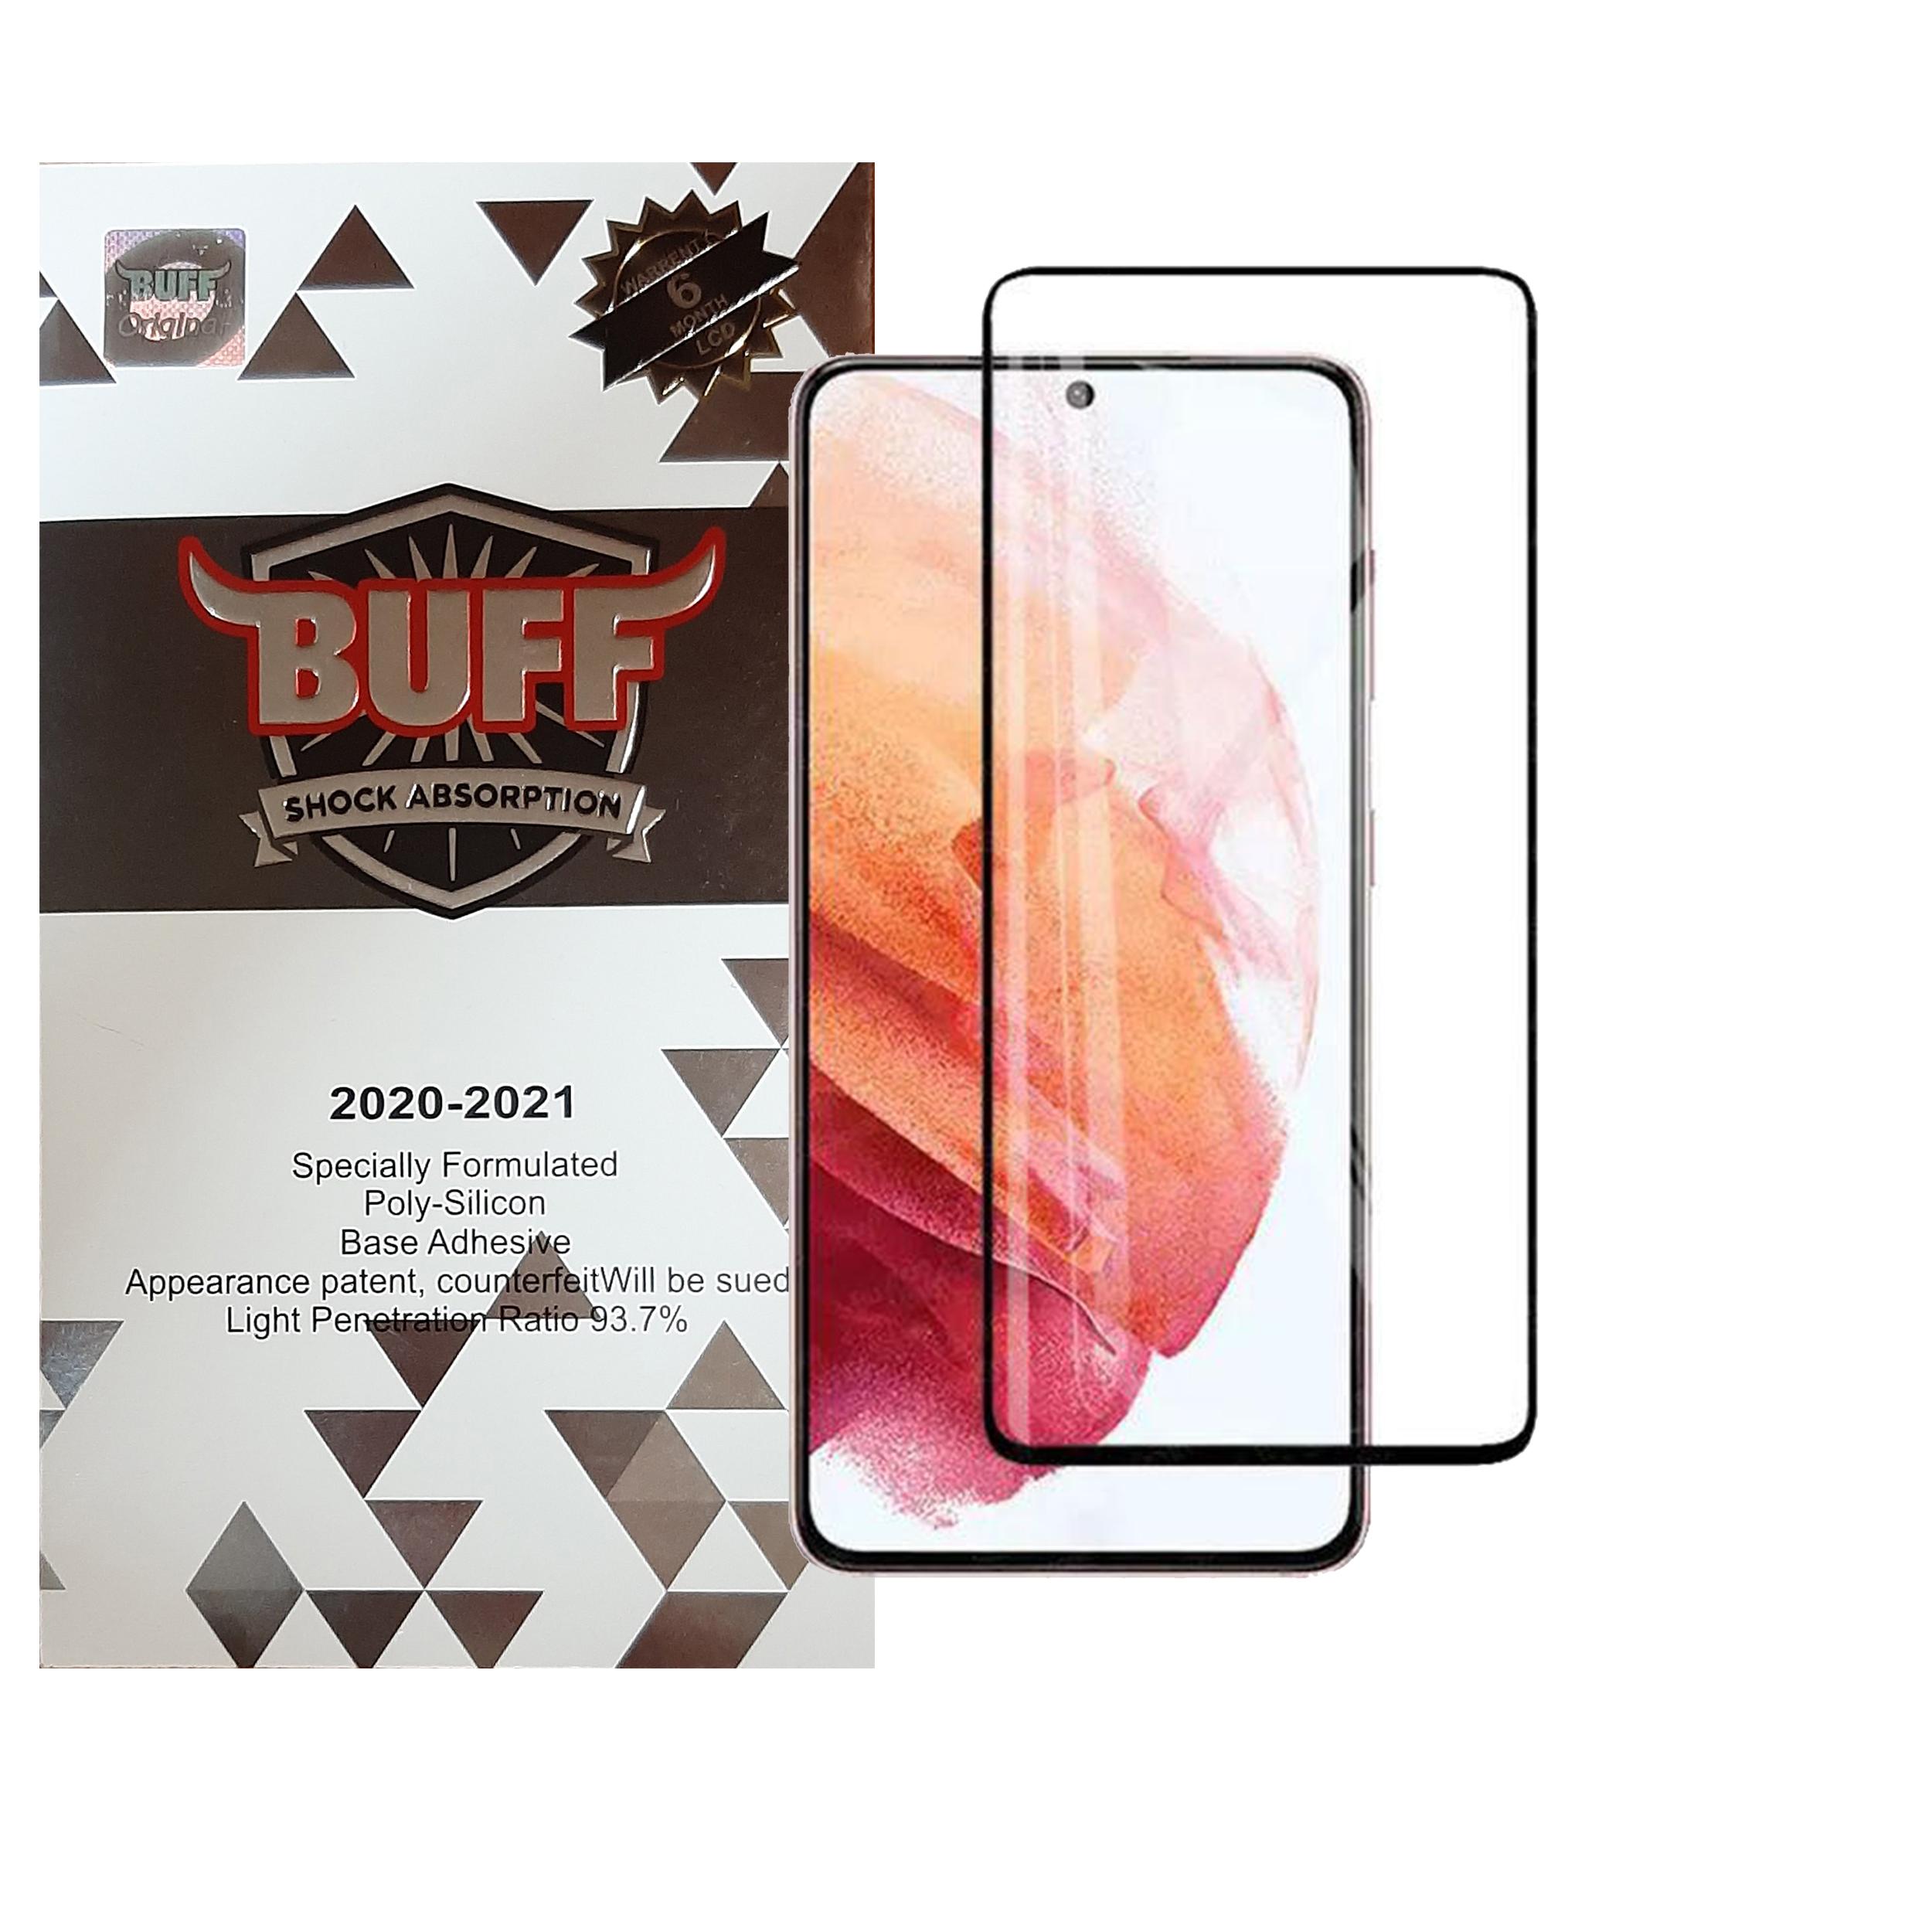 بررسی و {خرید با تخفیف} محافظ صفحه نمایش 5D بوف مدل F33 مناسب برای گوشی موبایل سامسونگ Galaxy S20 Plus اصل